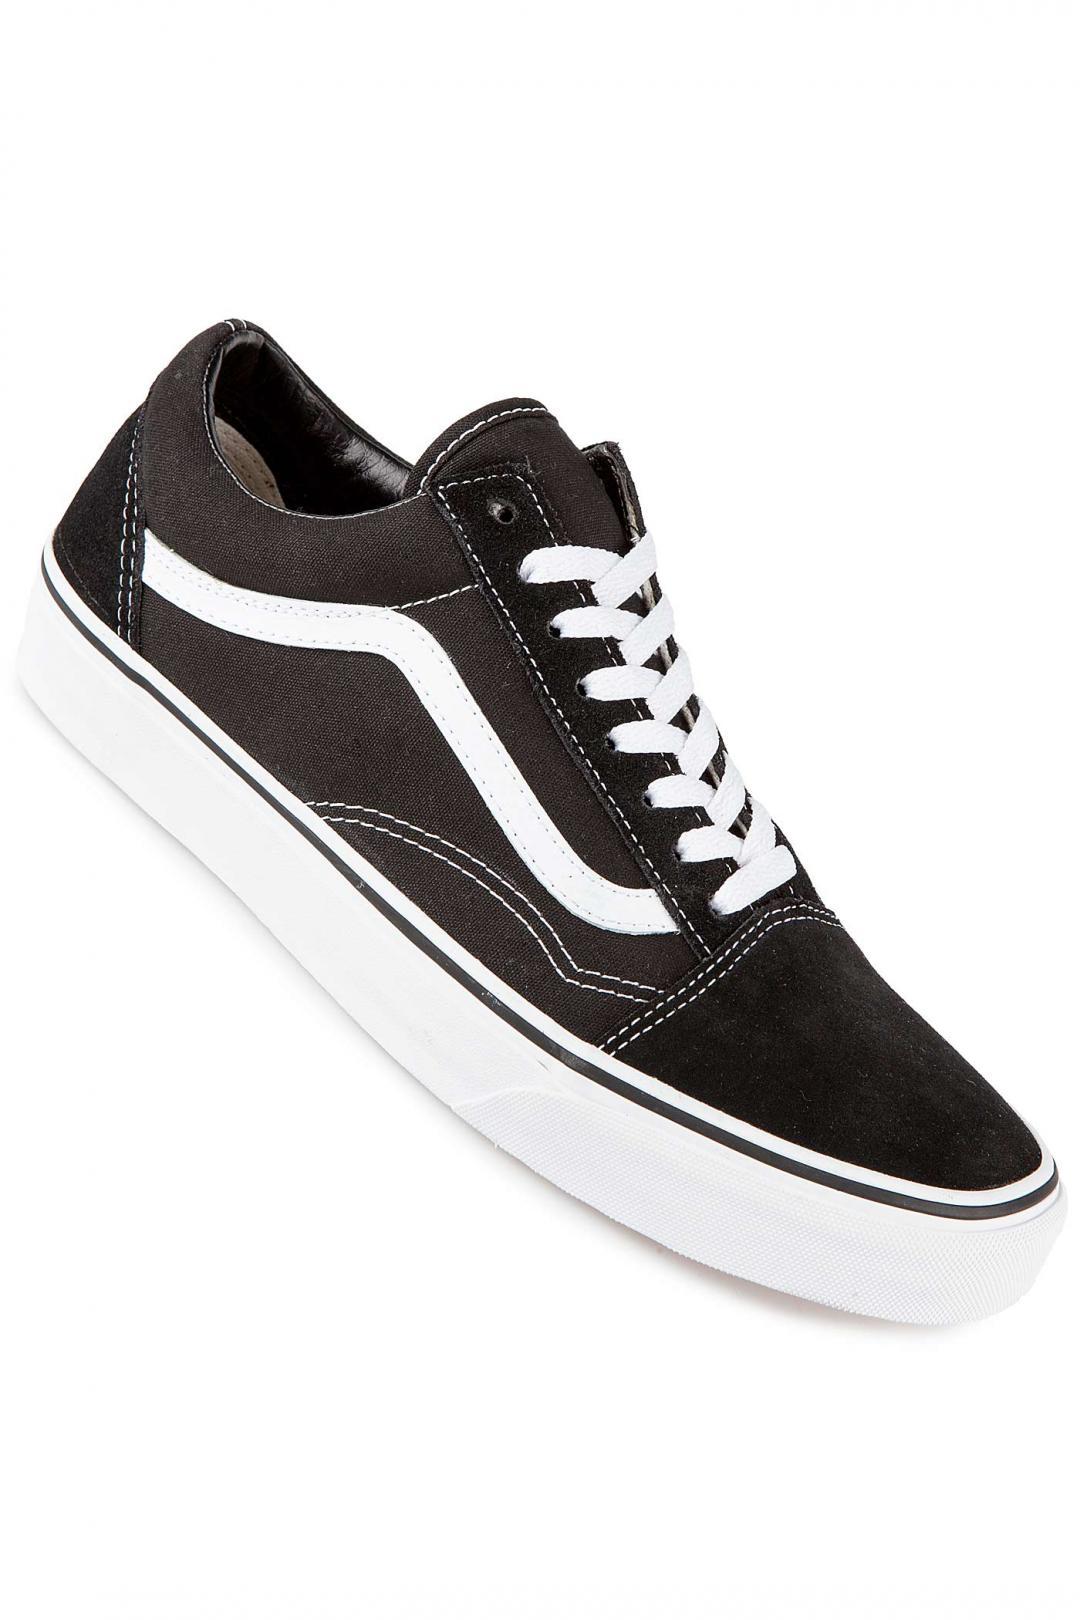 Uomo/Donna Vans Old Skool black white   Scarpe da skate